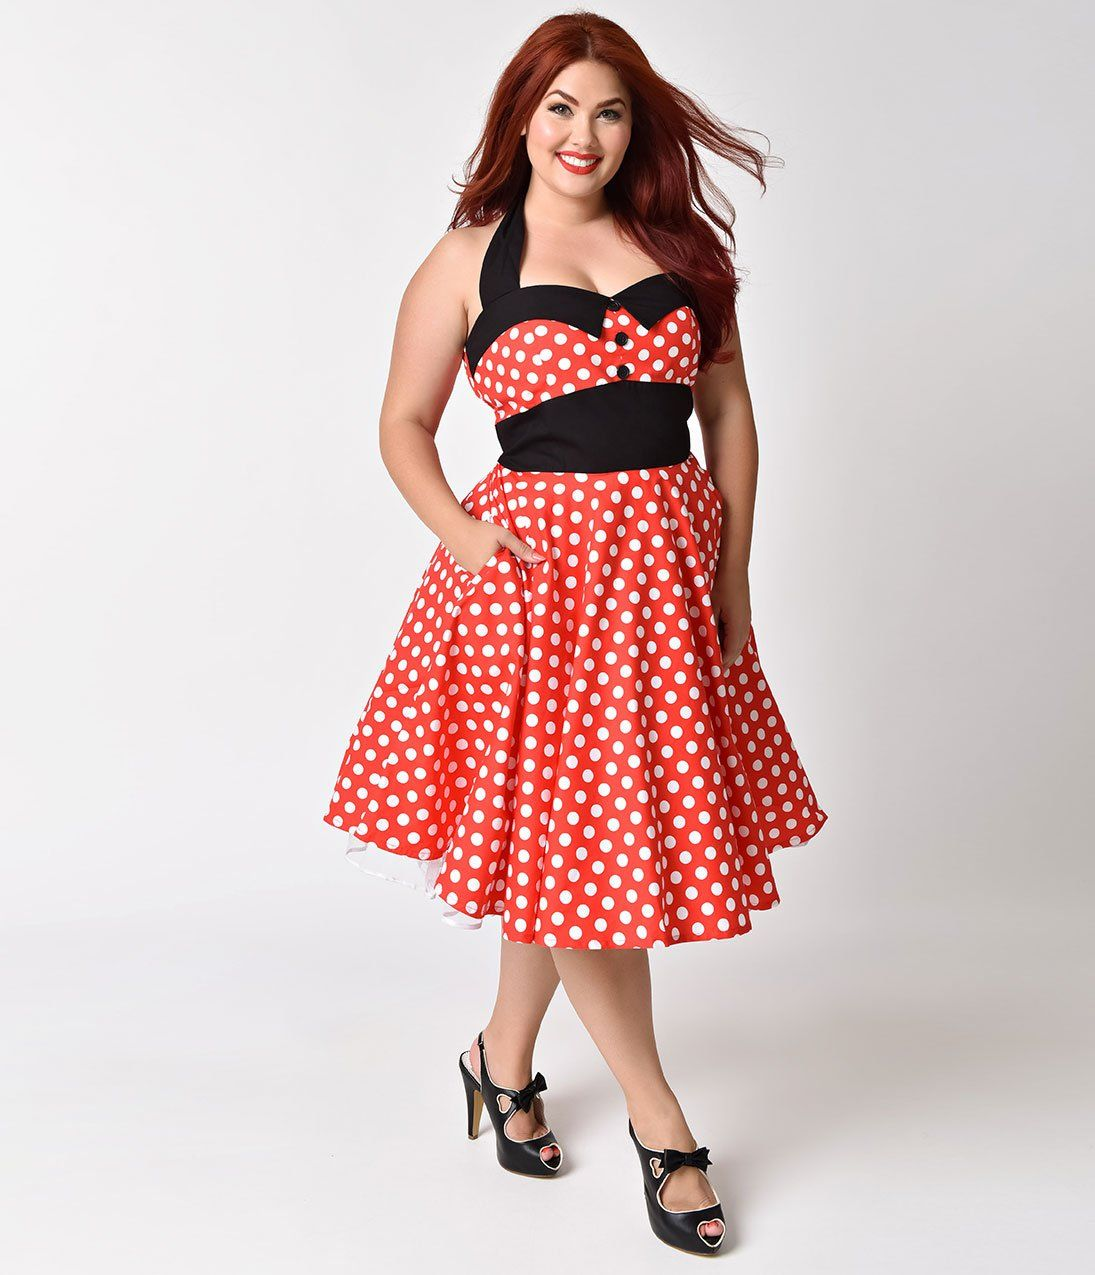 1950s Plus Size Dresses, Clothing | clothes | Plus size vintage ...